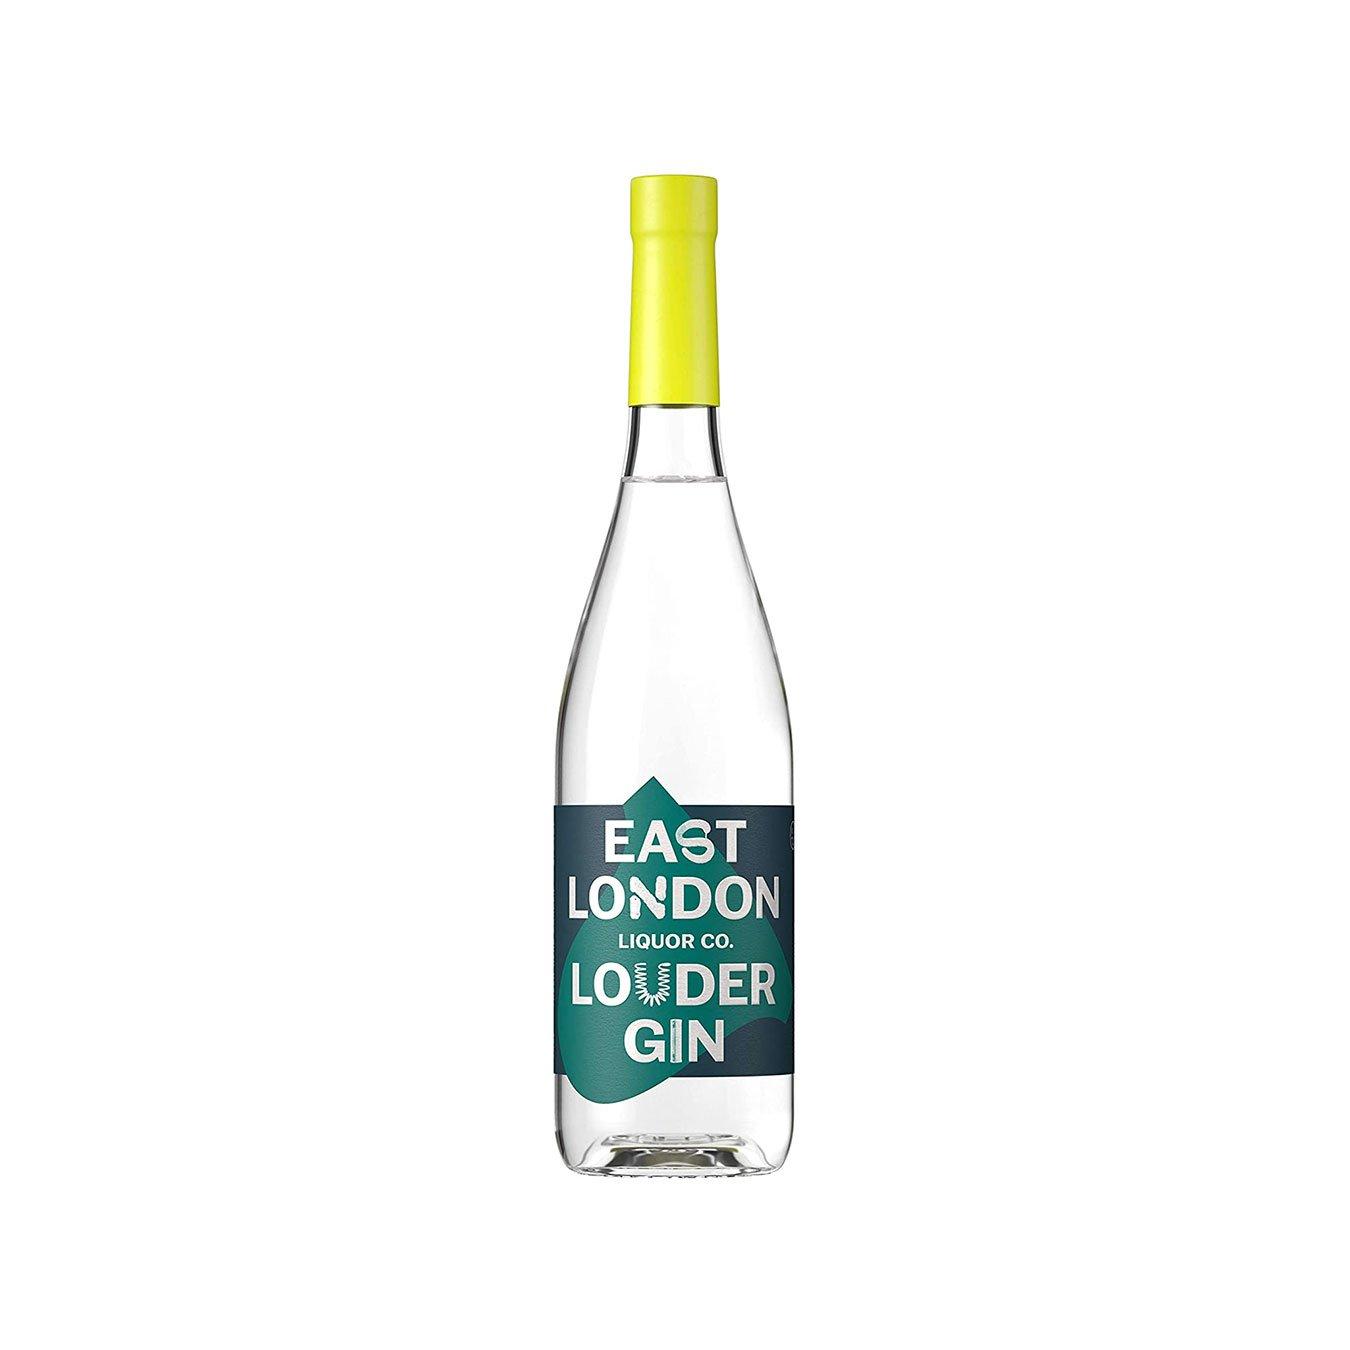 East London Louder Gin